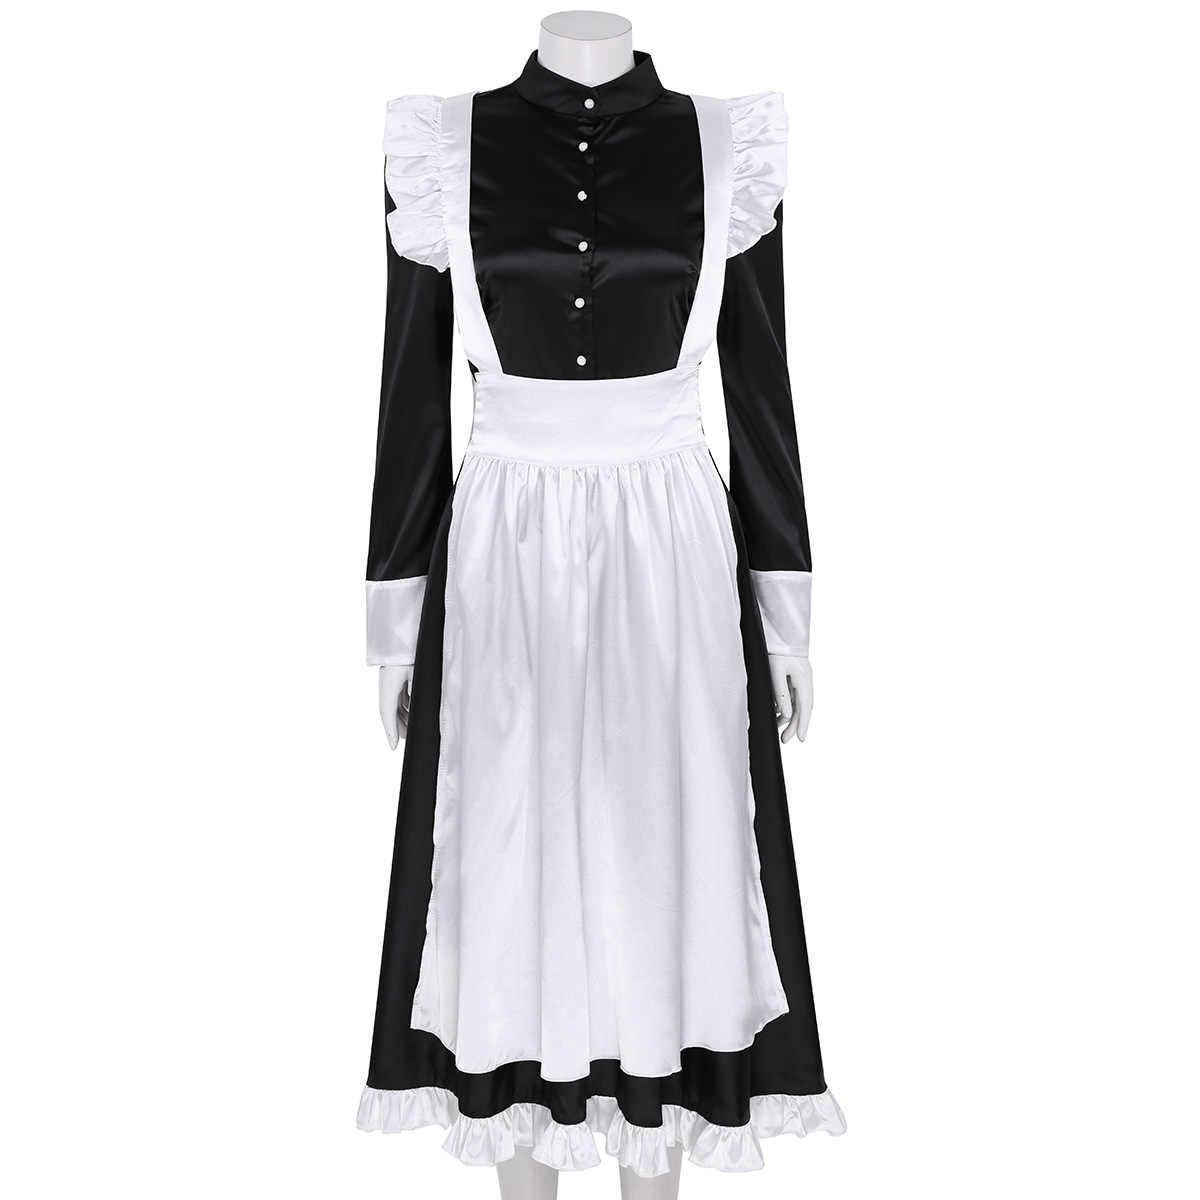 Женский косплей костюм моряка длинный рукав Передняя Кнопка Вниз Длинное Макси нарядное платье с фартуком и головной убор горничной сексуальный костюм